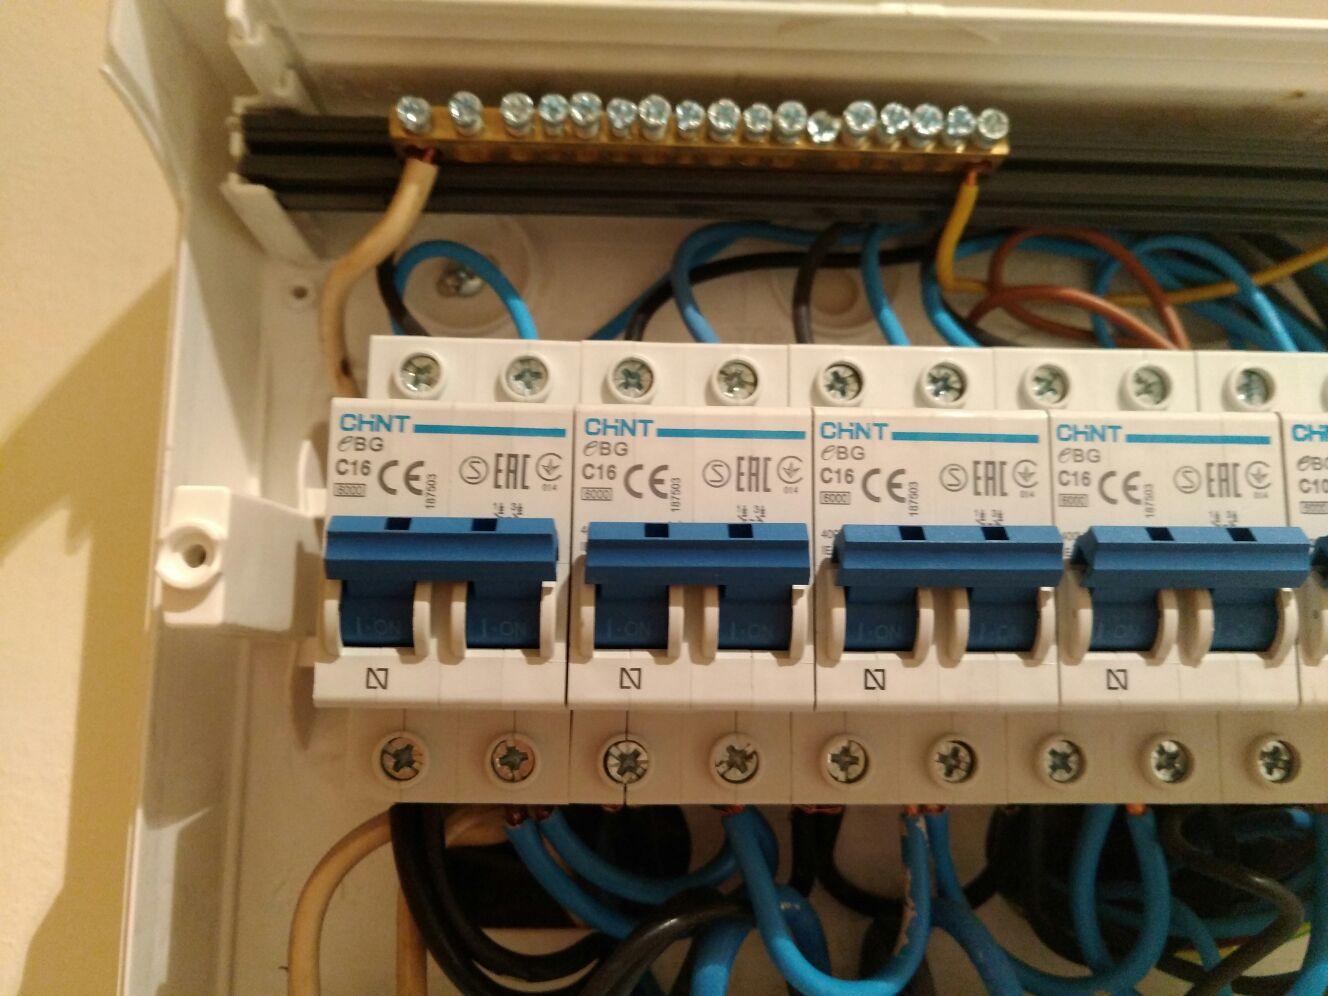 Problemas en instalación eléctrica. Recomendación de un buen profesional. 2w3c3l4